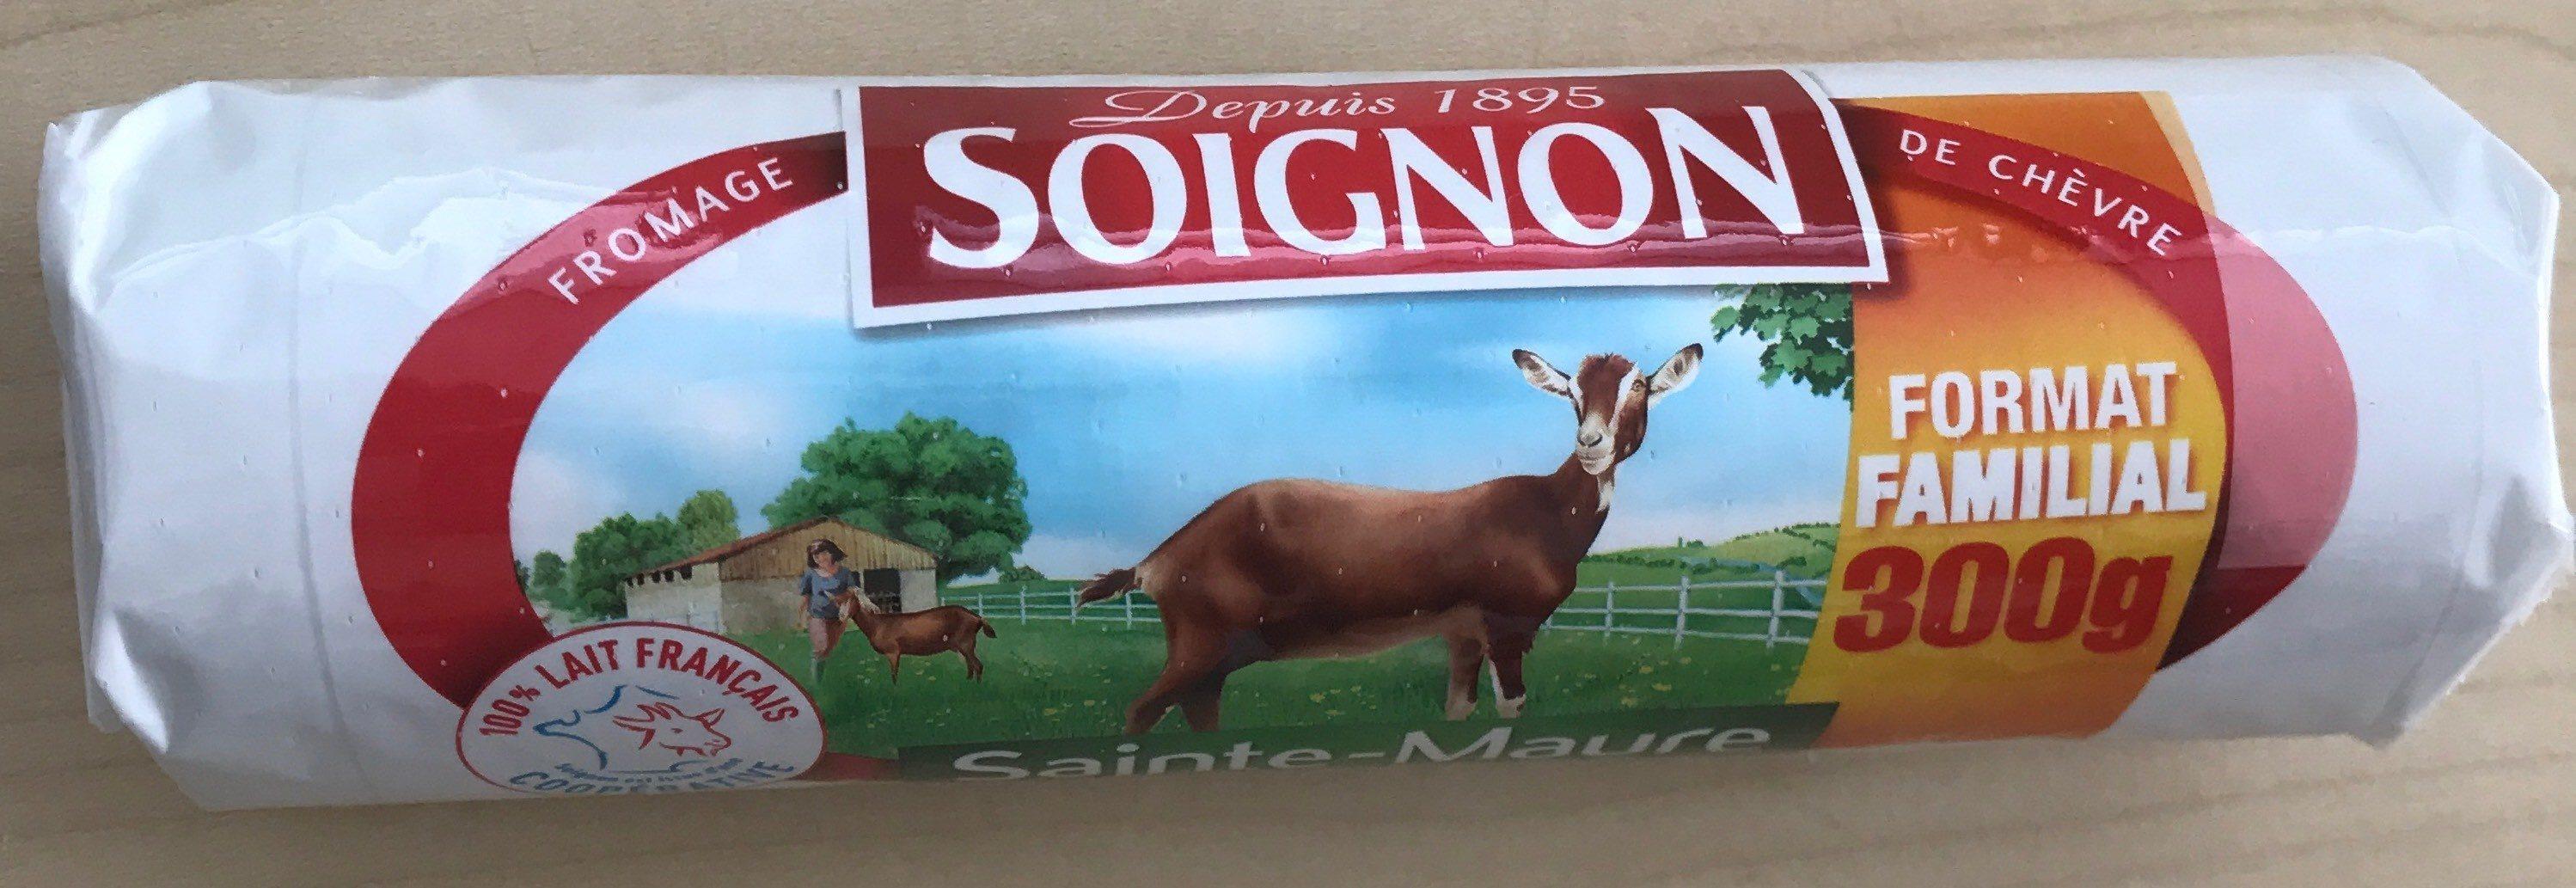 Bûche de chèvre Format familial - Producte - fr